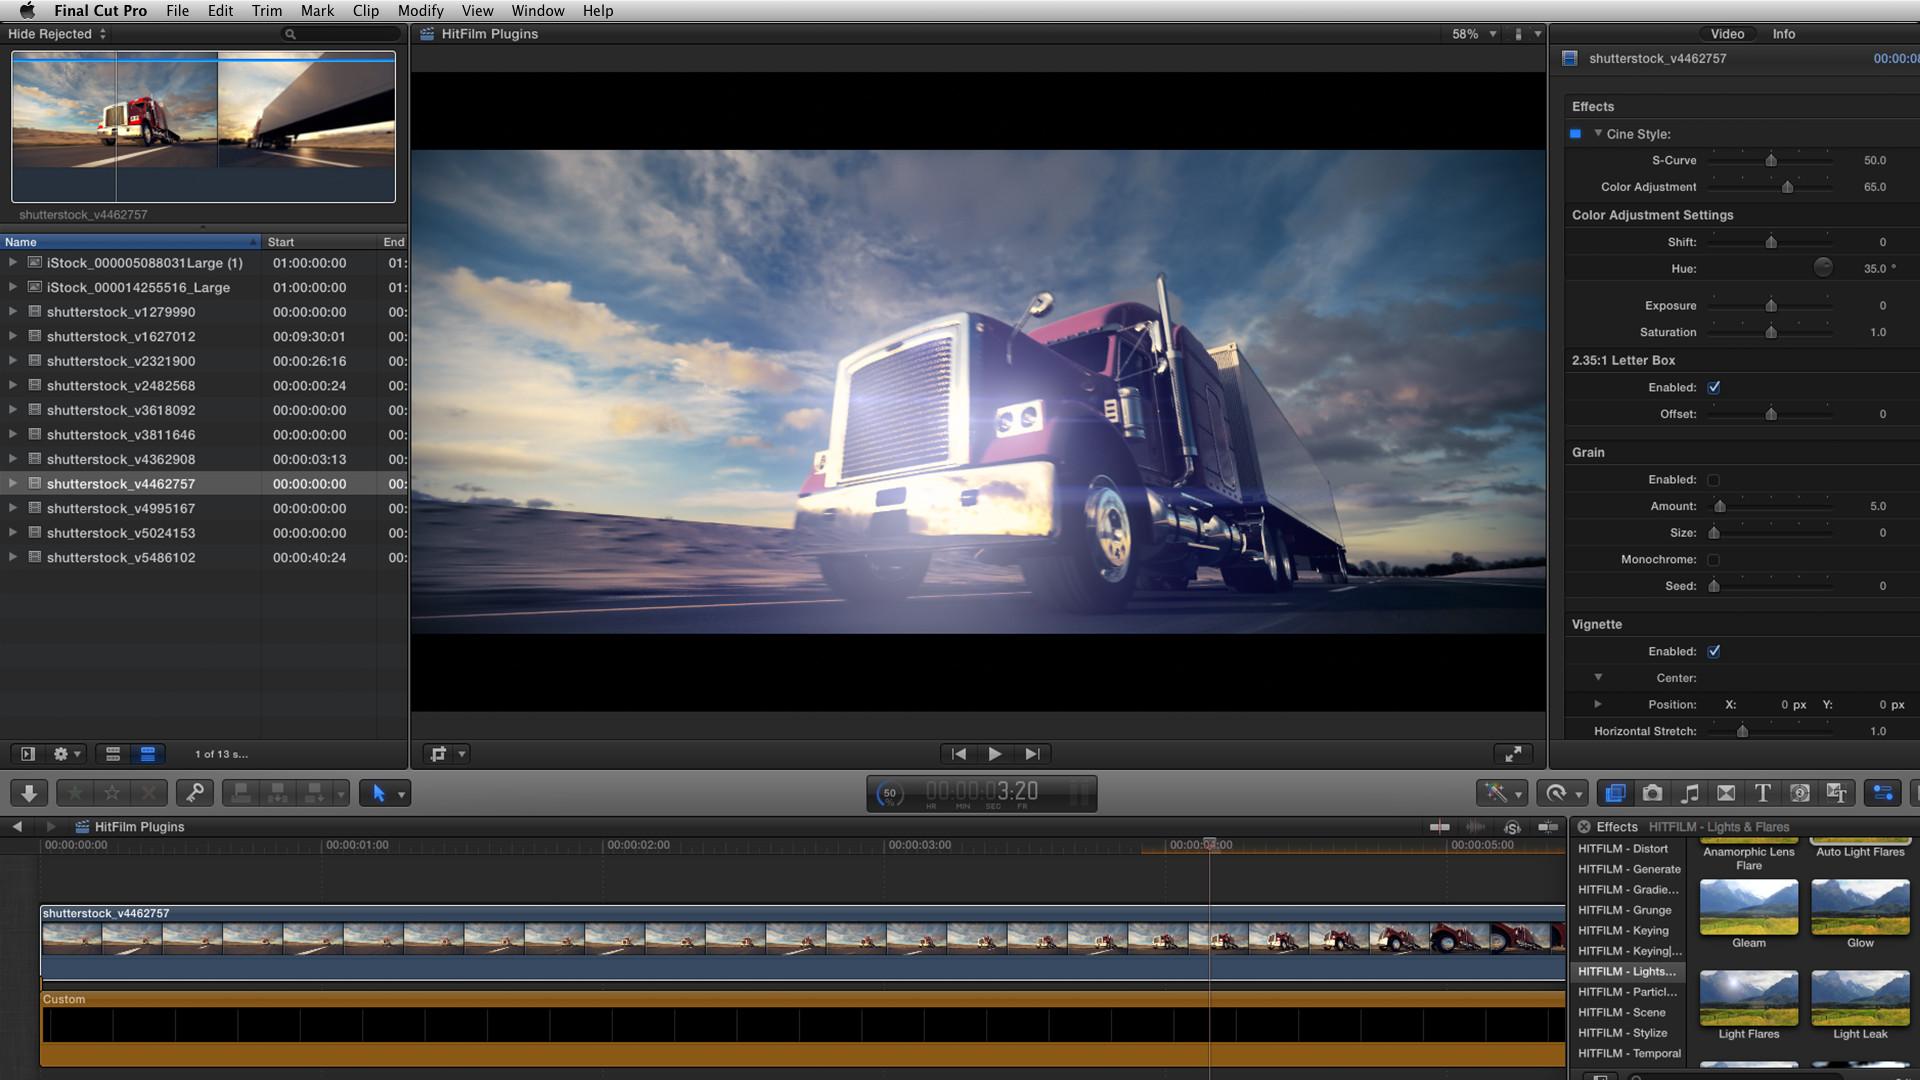 Effets de lens flare et couleur correction sous Final Cut Pro X.